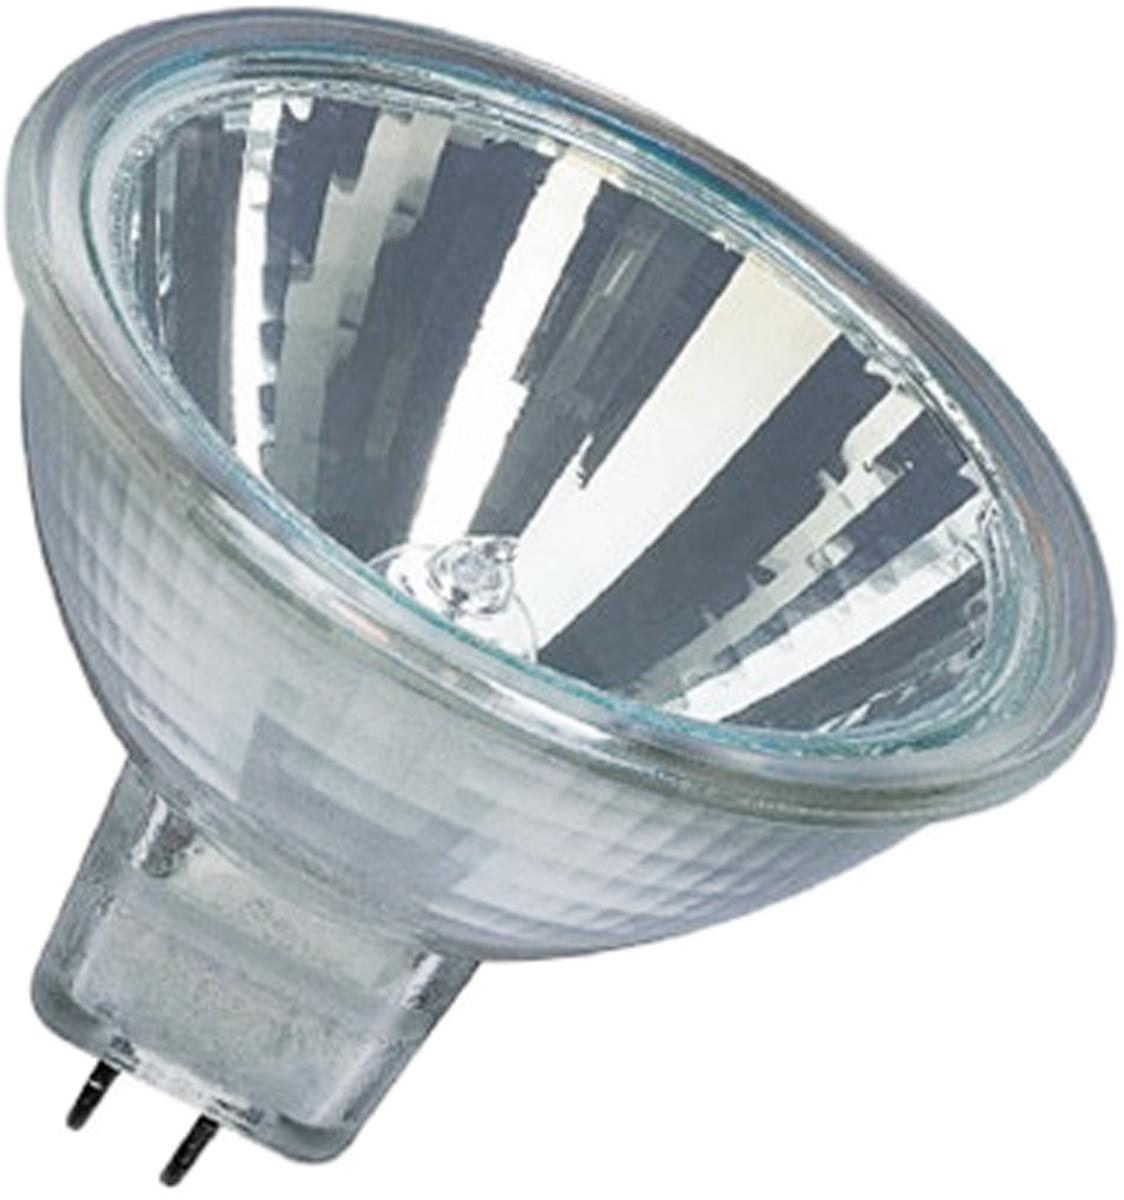 Лампа галогенная Osram Decorastar 41870 WFL 50W GU5.3 40503000125754050300012575Светодиодные энергосберегающие лампы потребляют на 70% меньше электроэнергии, что не только экономит деньги, но и снижает нагрузку на проводку. Свет, который излучают светодиодные светильники, не раздражает глаза и может быть разным по интенсивности и световой температуре. Они легко монтируются в стены и потолки, в том числе и в натяжные. Разнообразный дизайн позволяет подобрать светодиодные лампы для любого пространства.